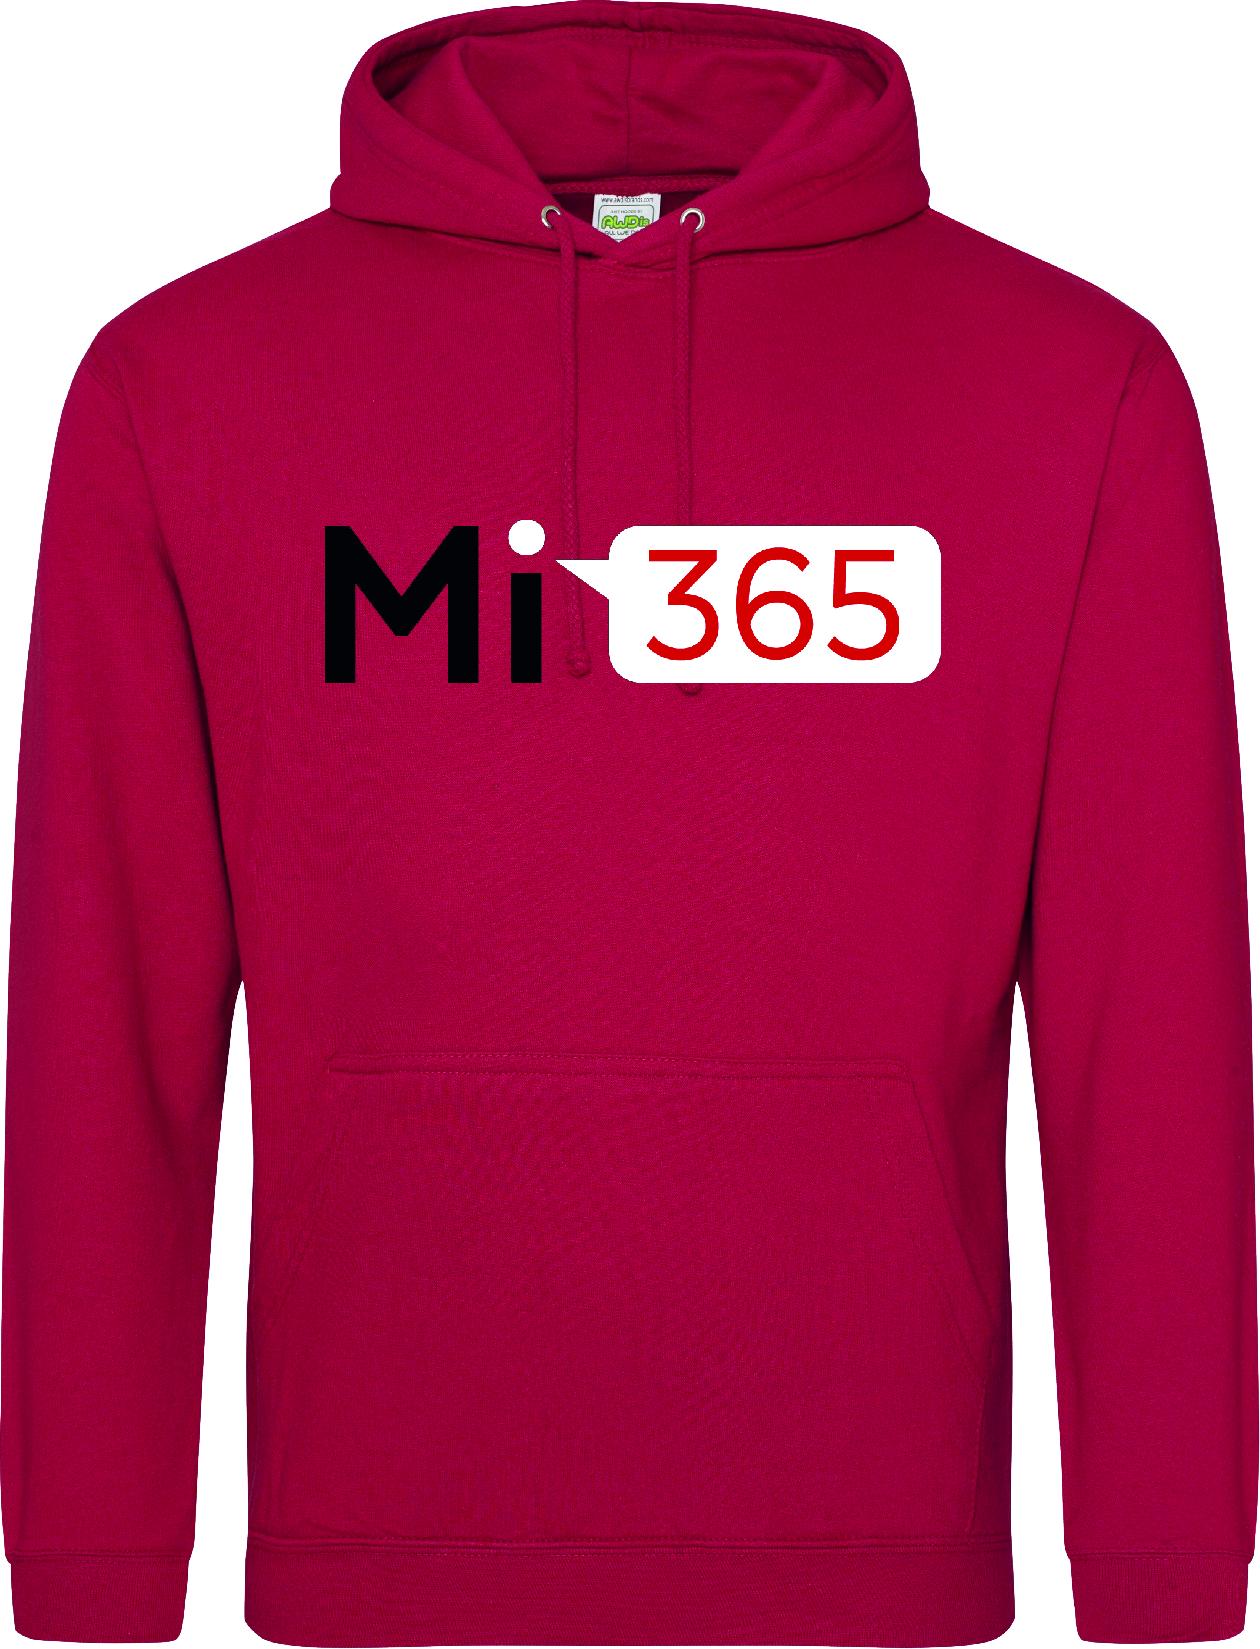 Mi365 - Hoodie